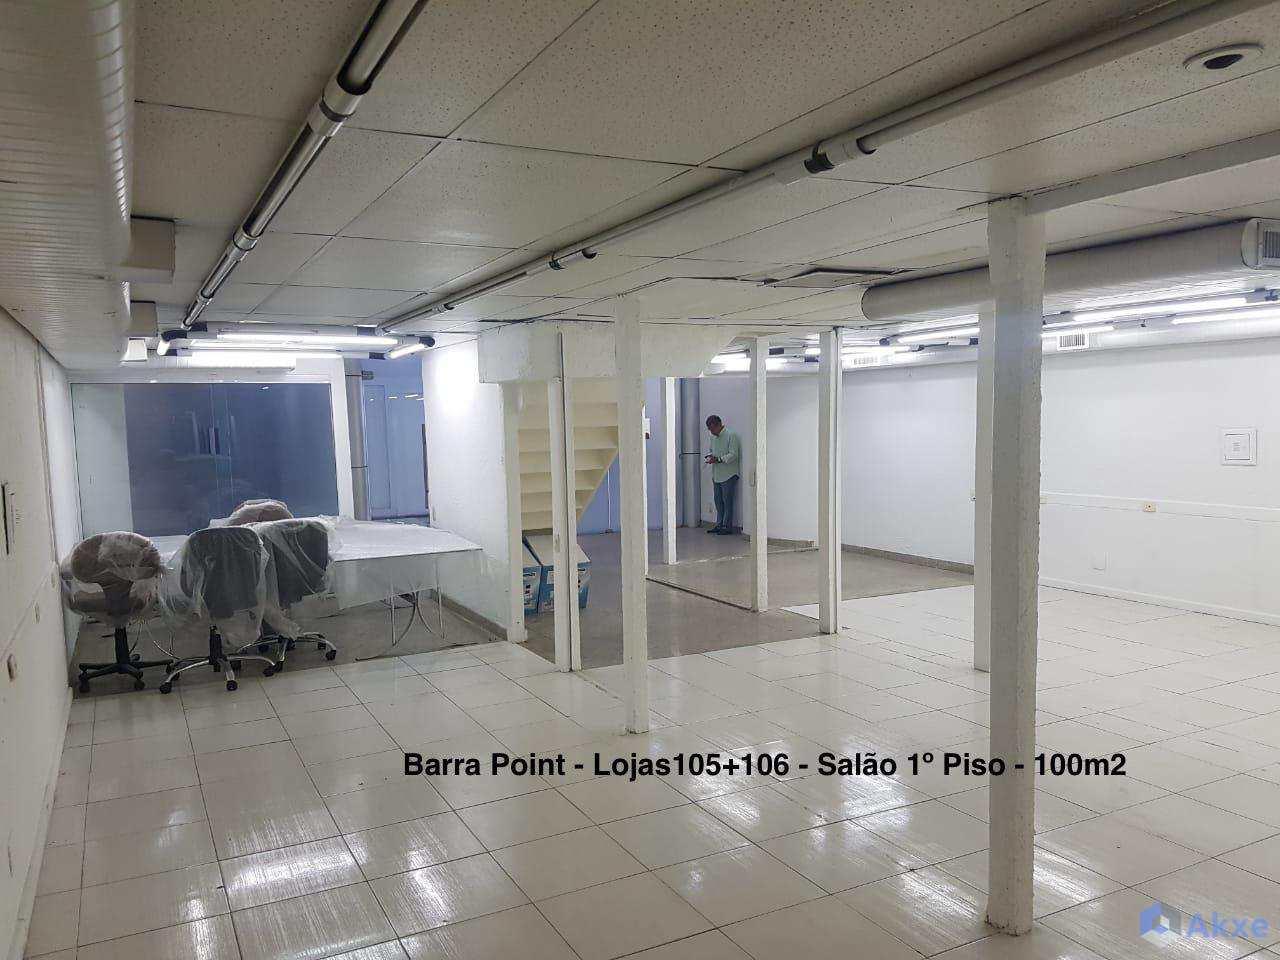 BPoint_Lojas105+106_Salão_Térreo100m2(2)